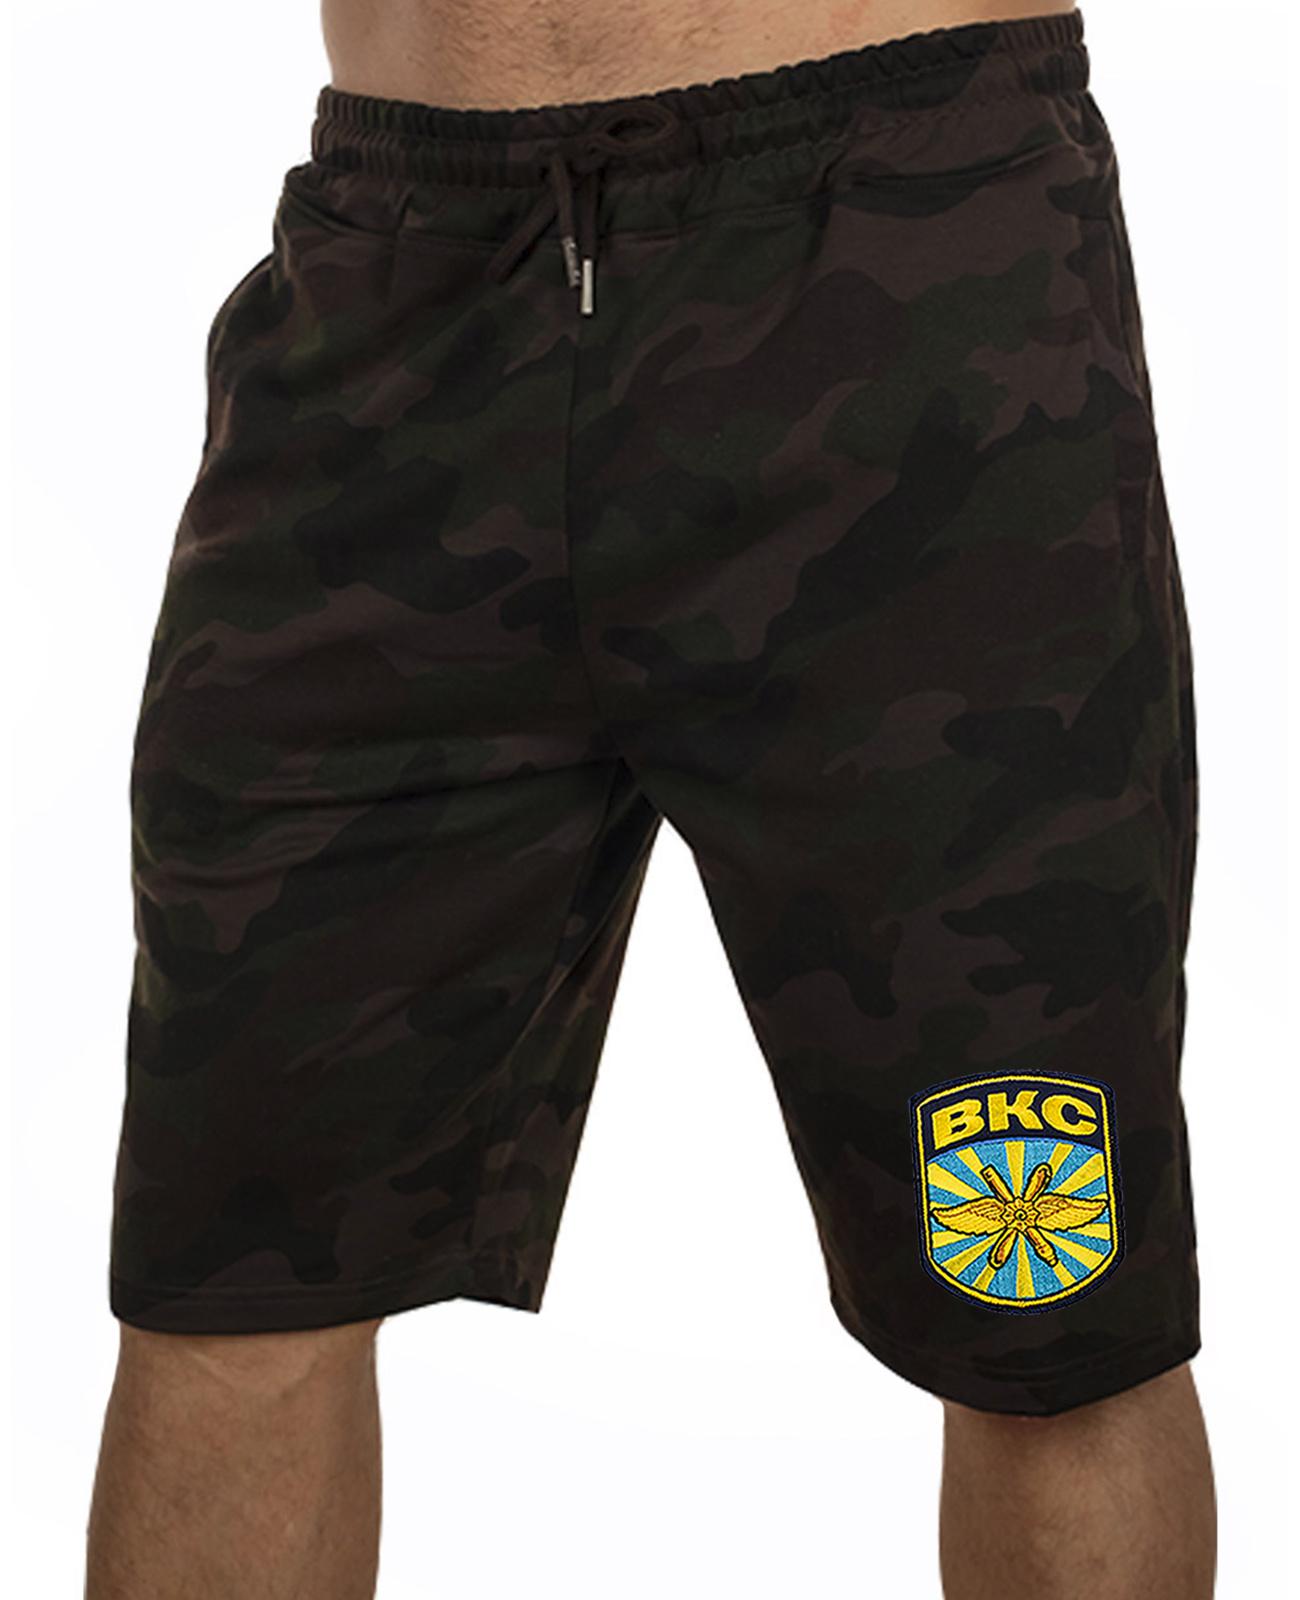 Купить камуфлированные милитари-шорты с карманами и нашивкой ВКС по сниженной цене